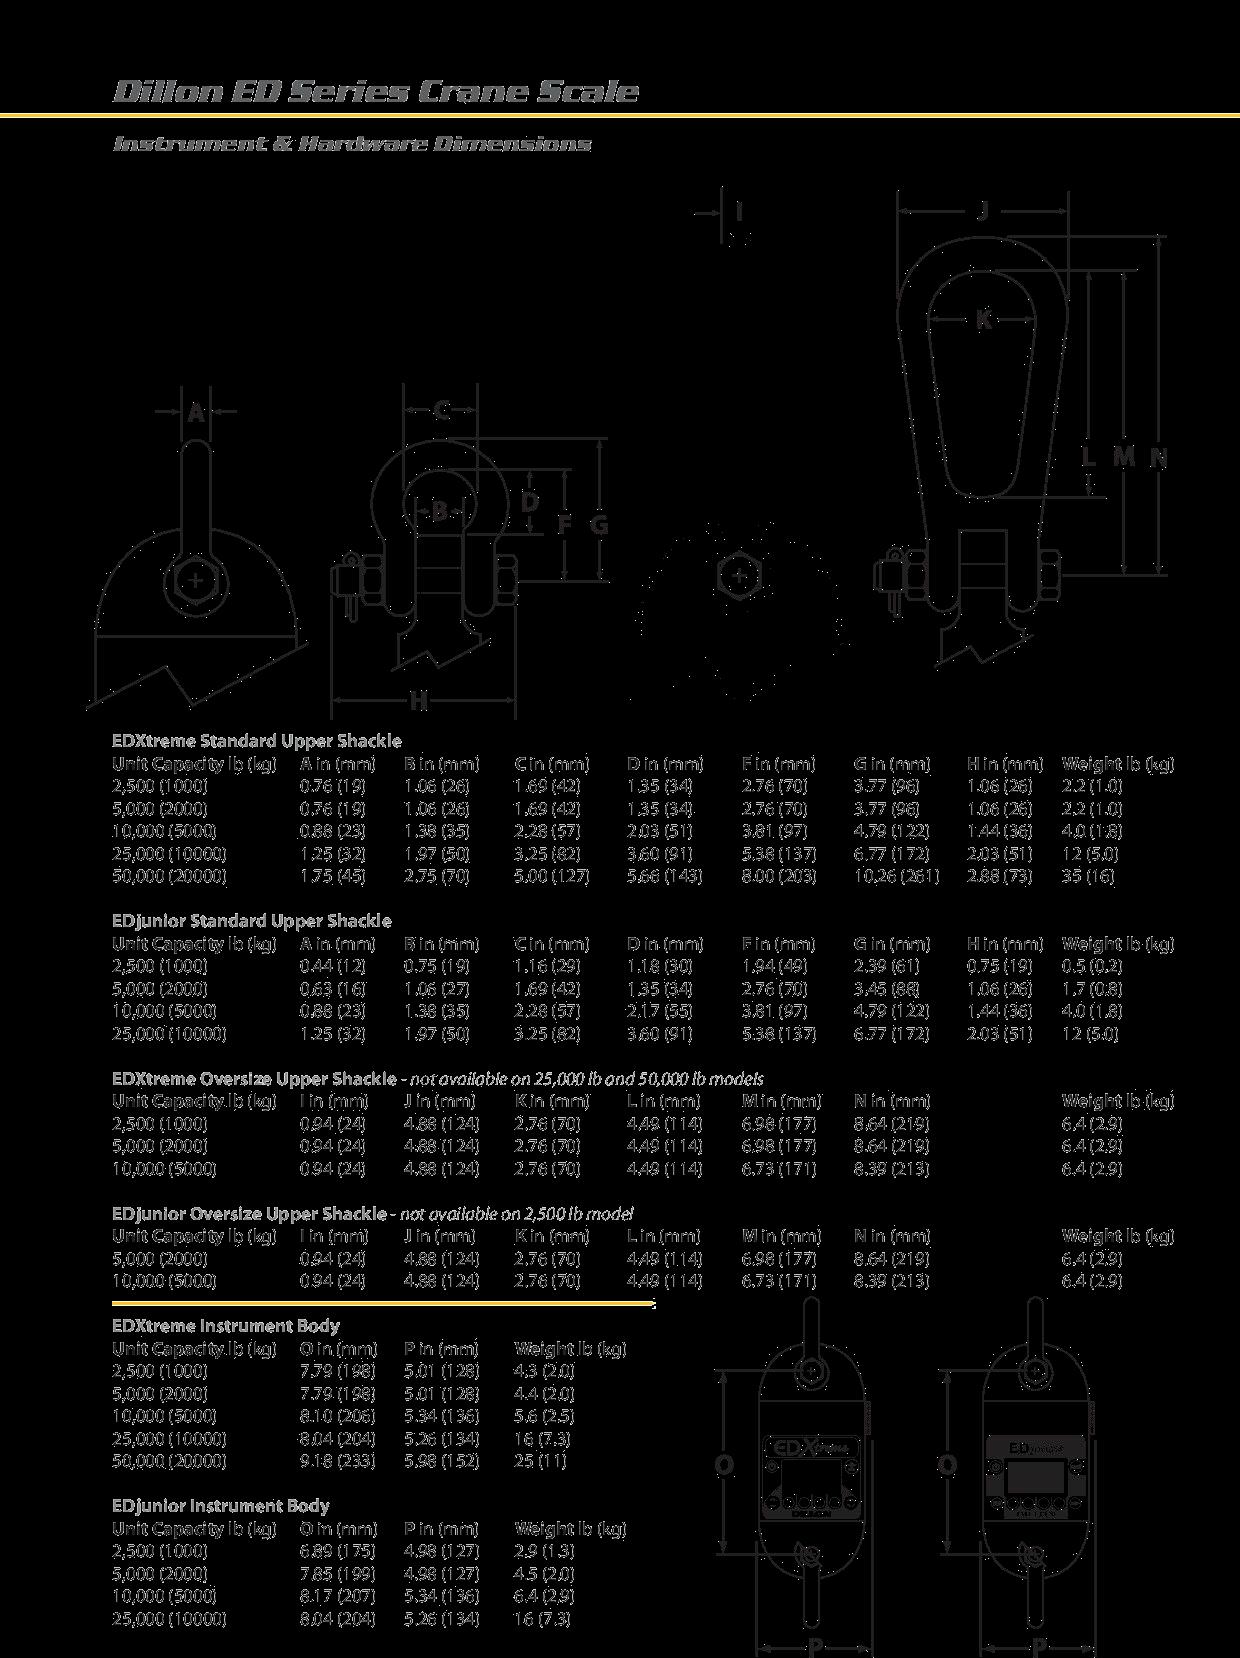 Dillon ED Series Crane Scale Dimensions